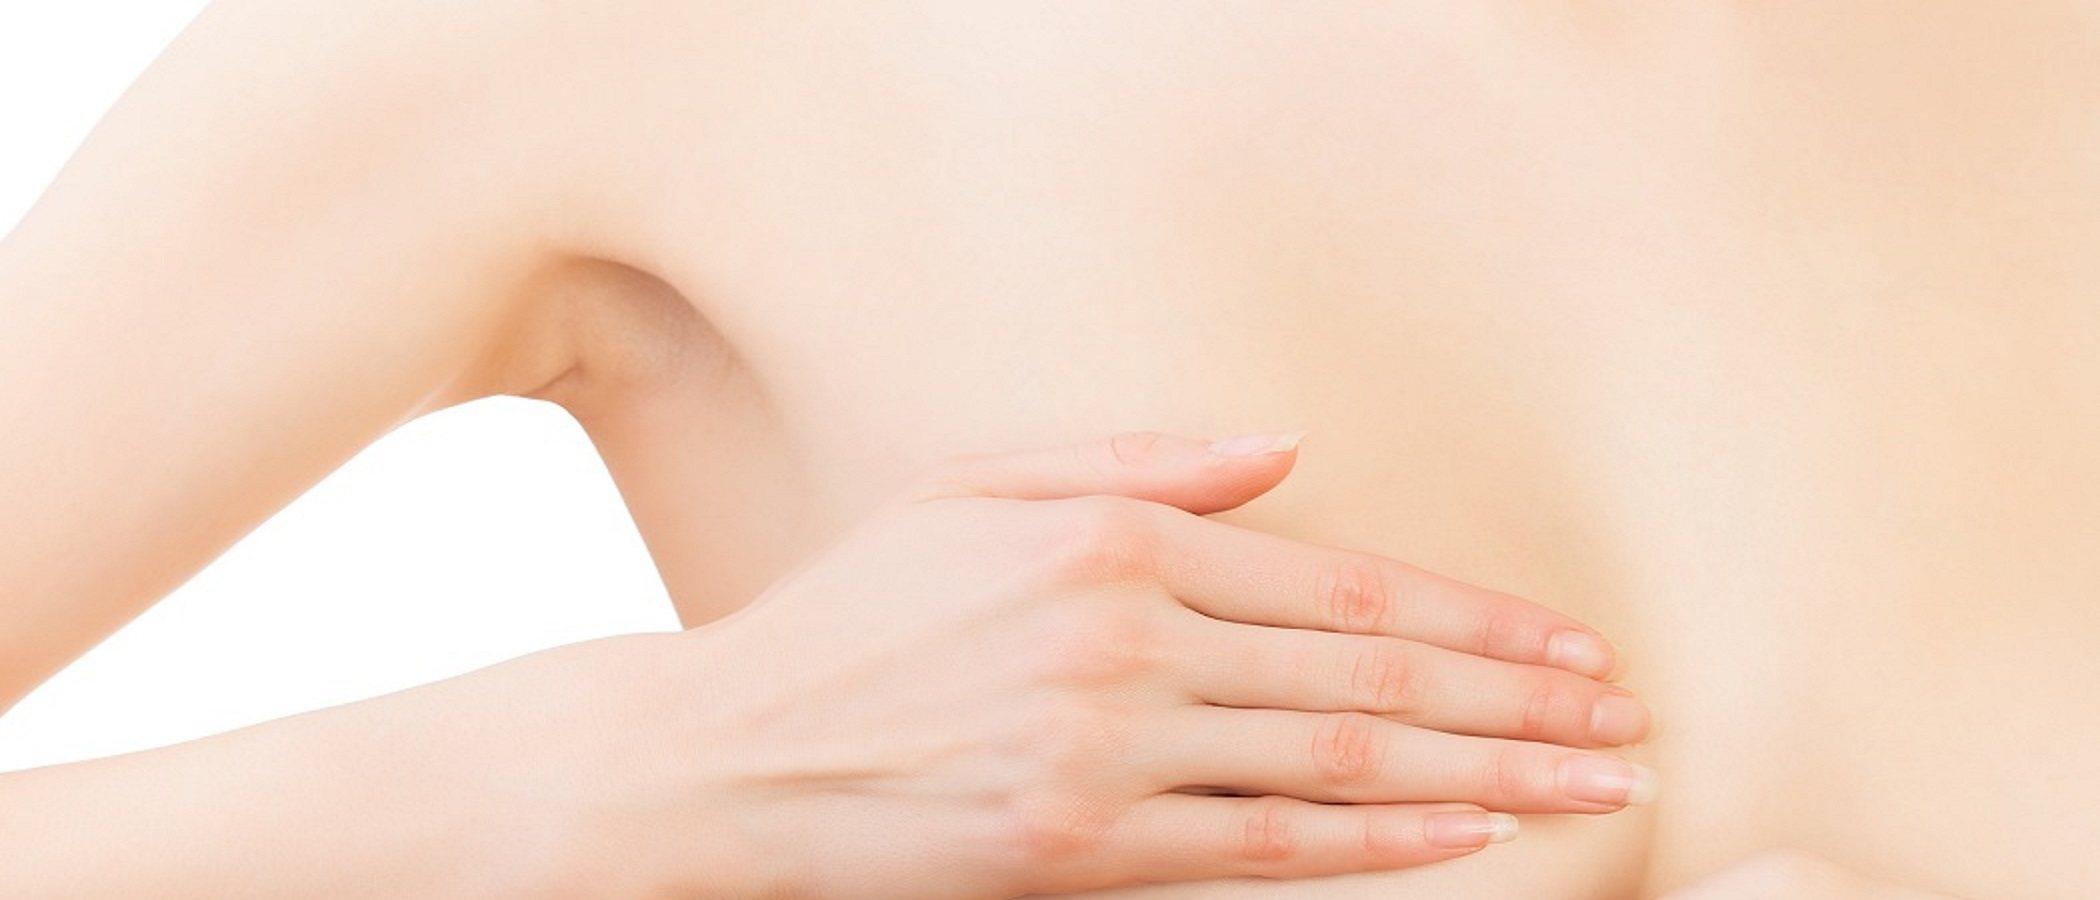 El cáncer de mama en el embarazo: cómo afecta